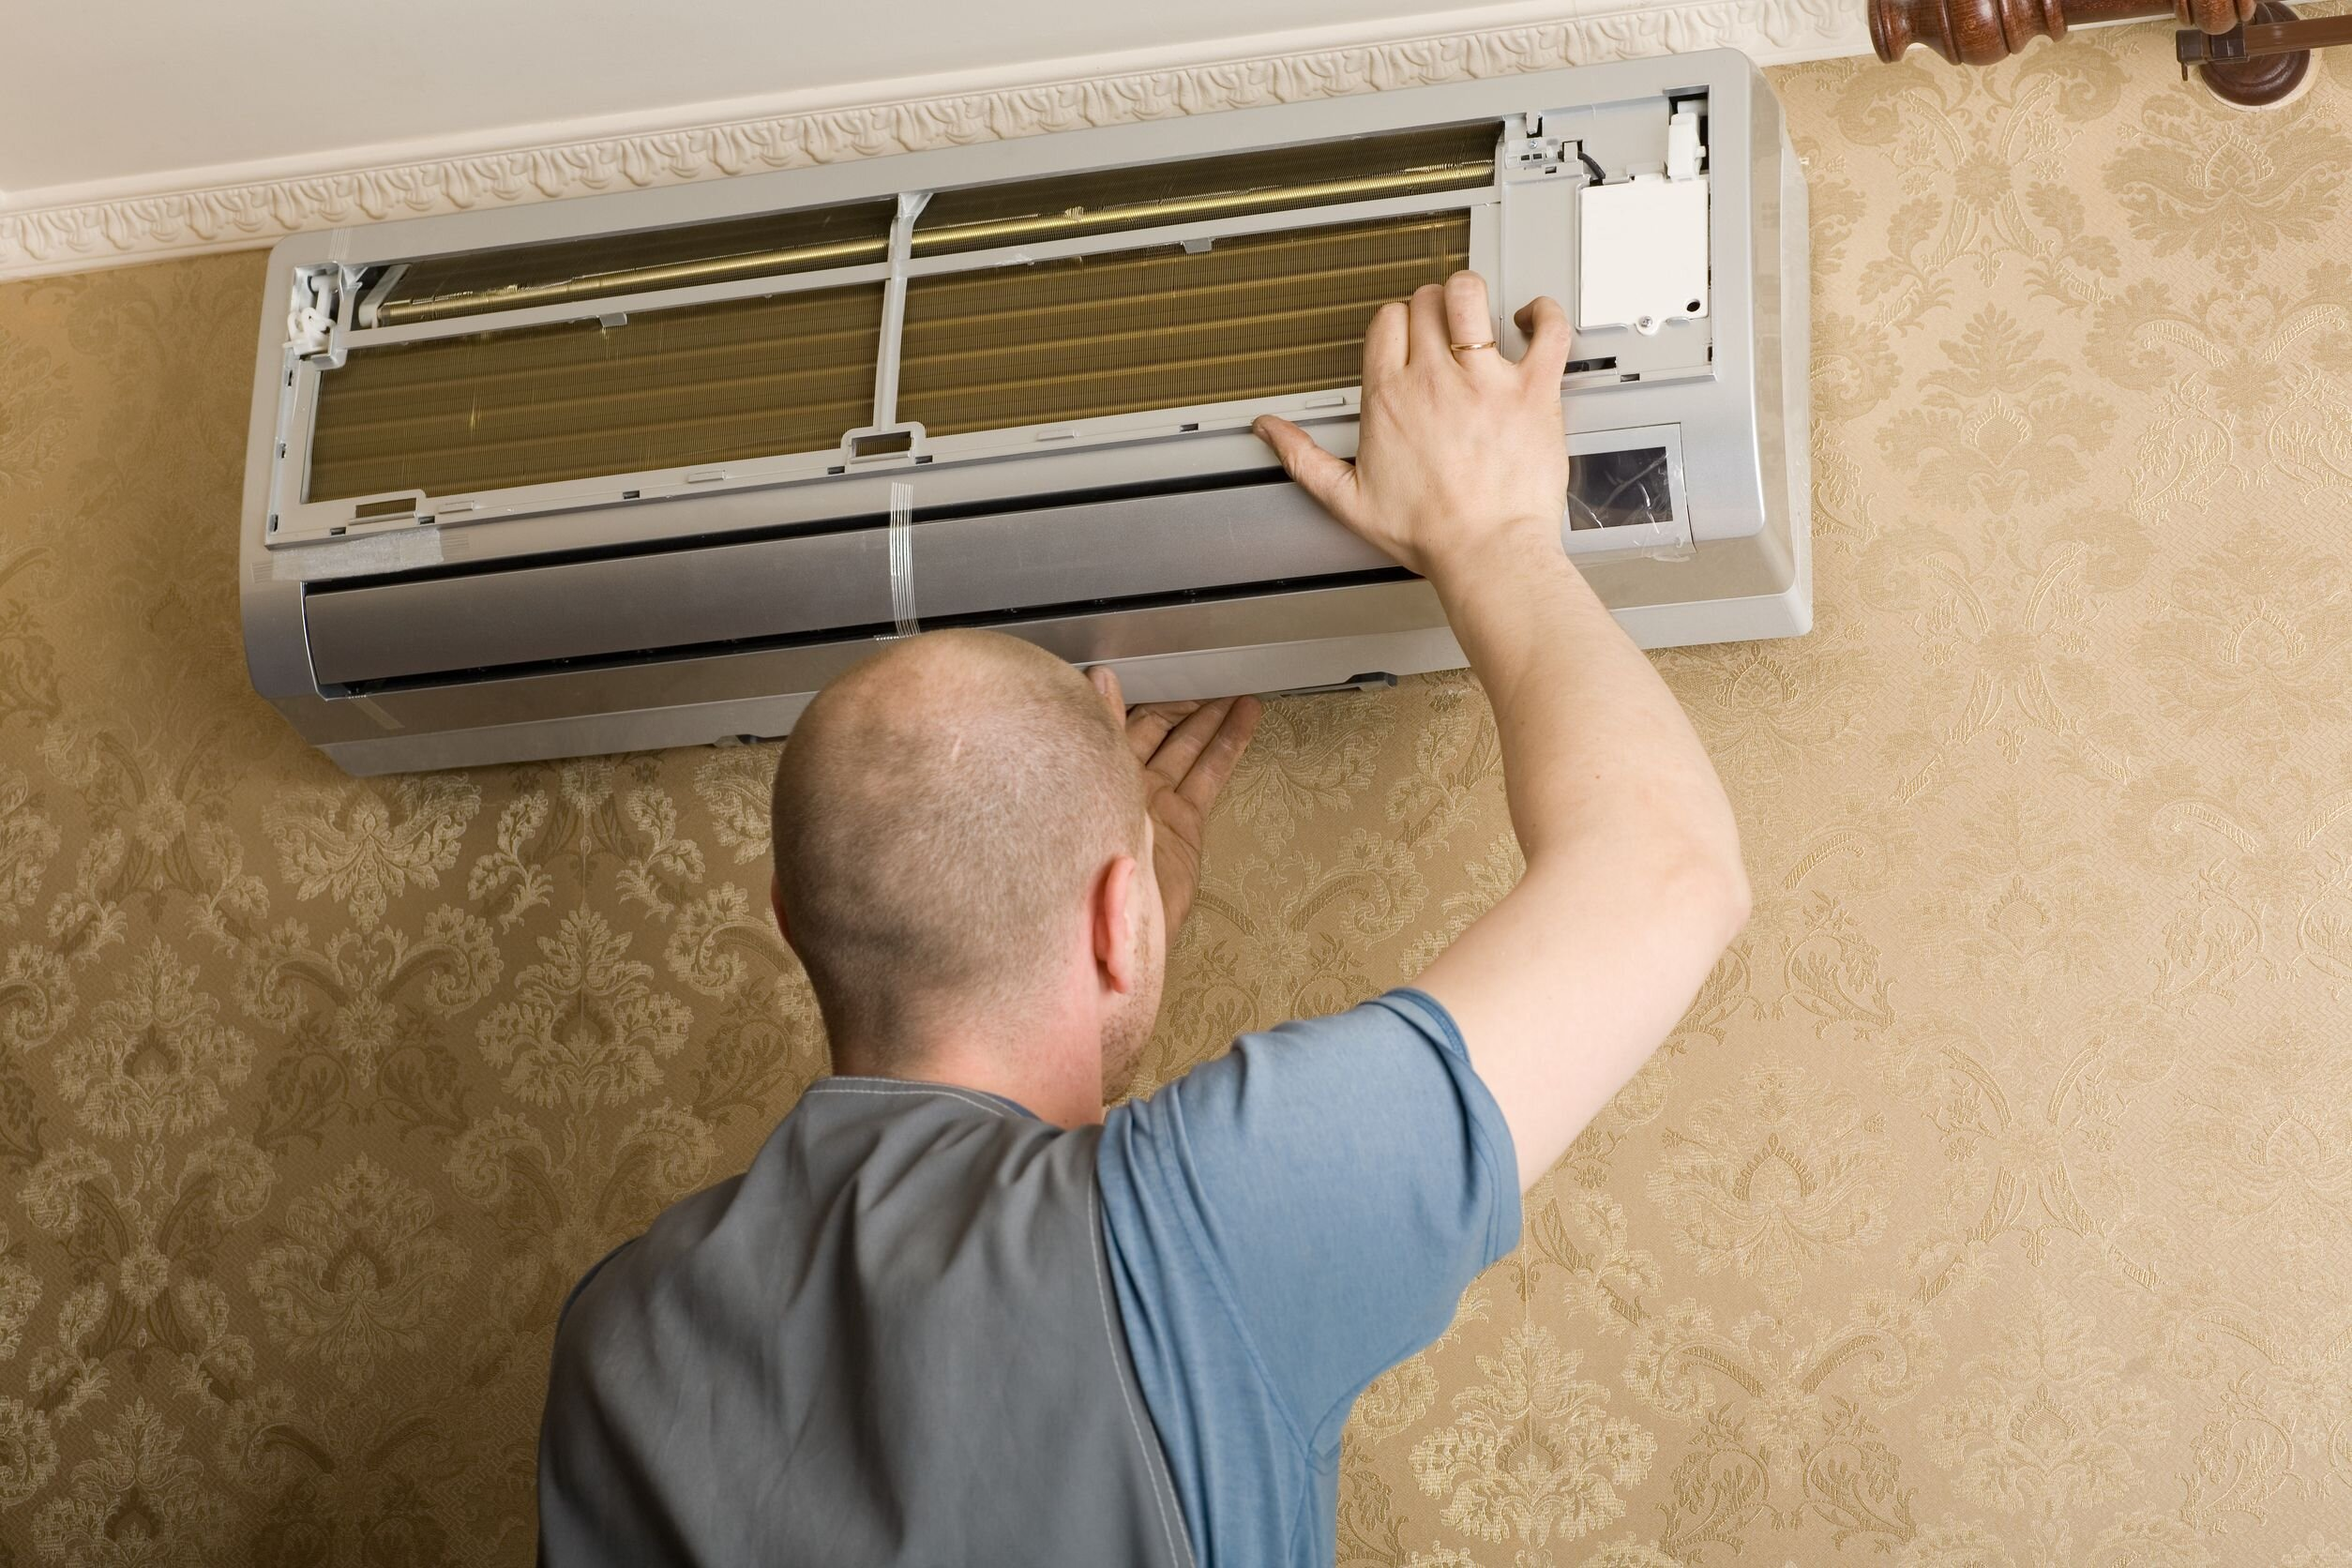 Phải làm gì khi điều hòa nhiệt độ phát ra tiếng ồn?